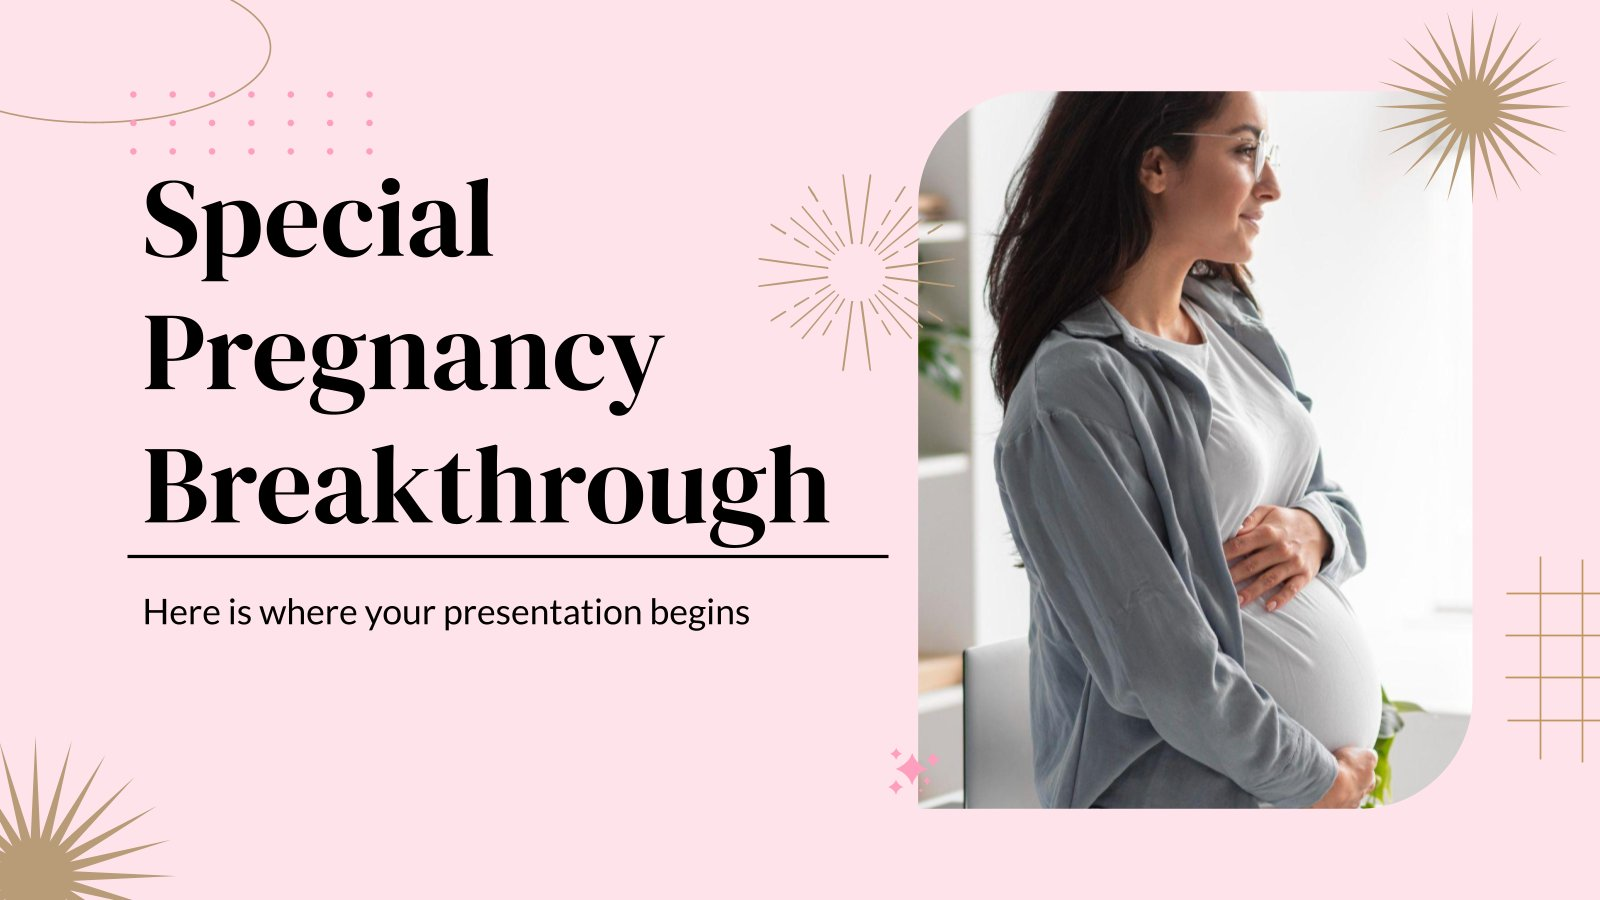 Besonderer Durchbruch in der Schwangerschaft Präsentationsvorlage